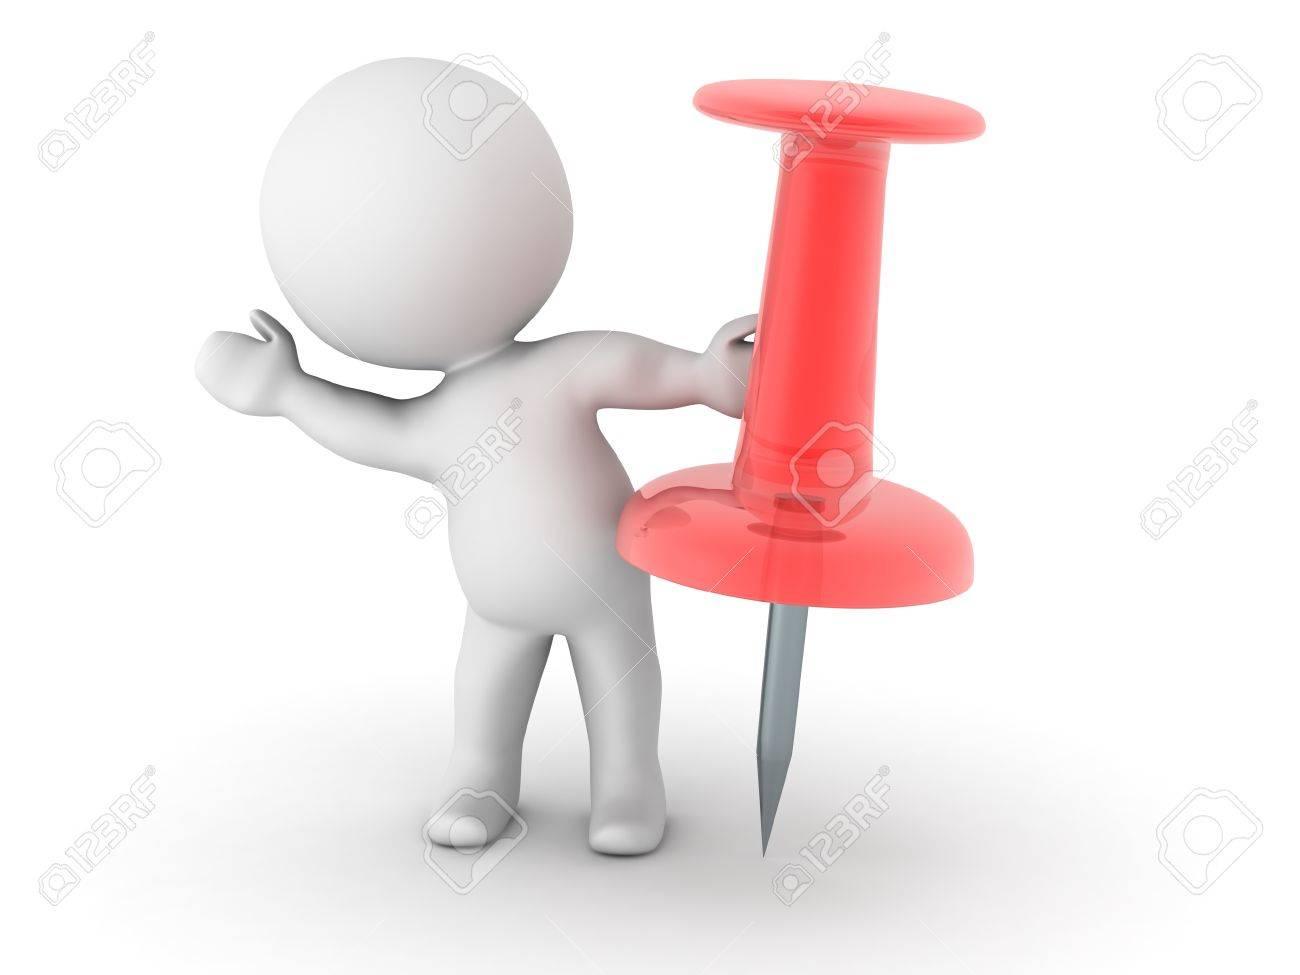 Personnages 3D avec une épingle rouge